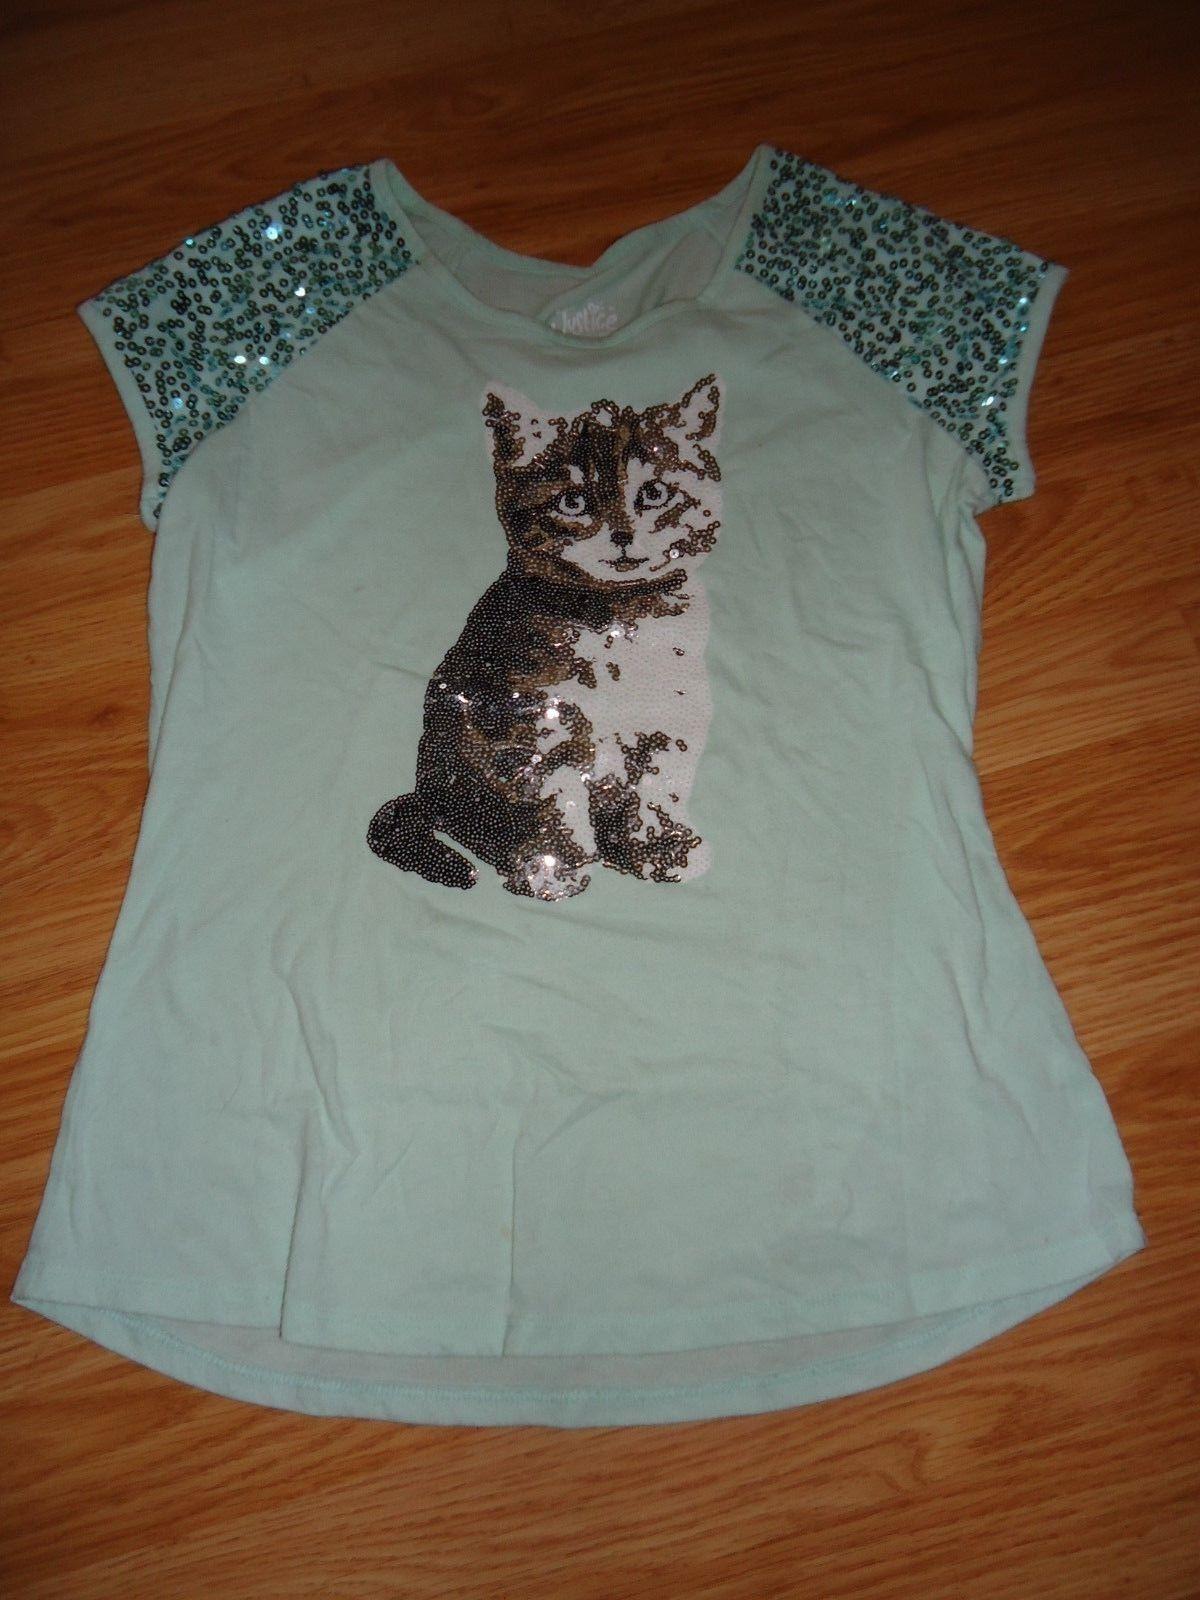 Justice Cat Shirt Sequins 16 Girls T shirt light green  CUTE